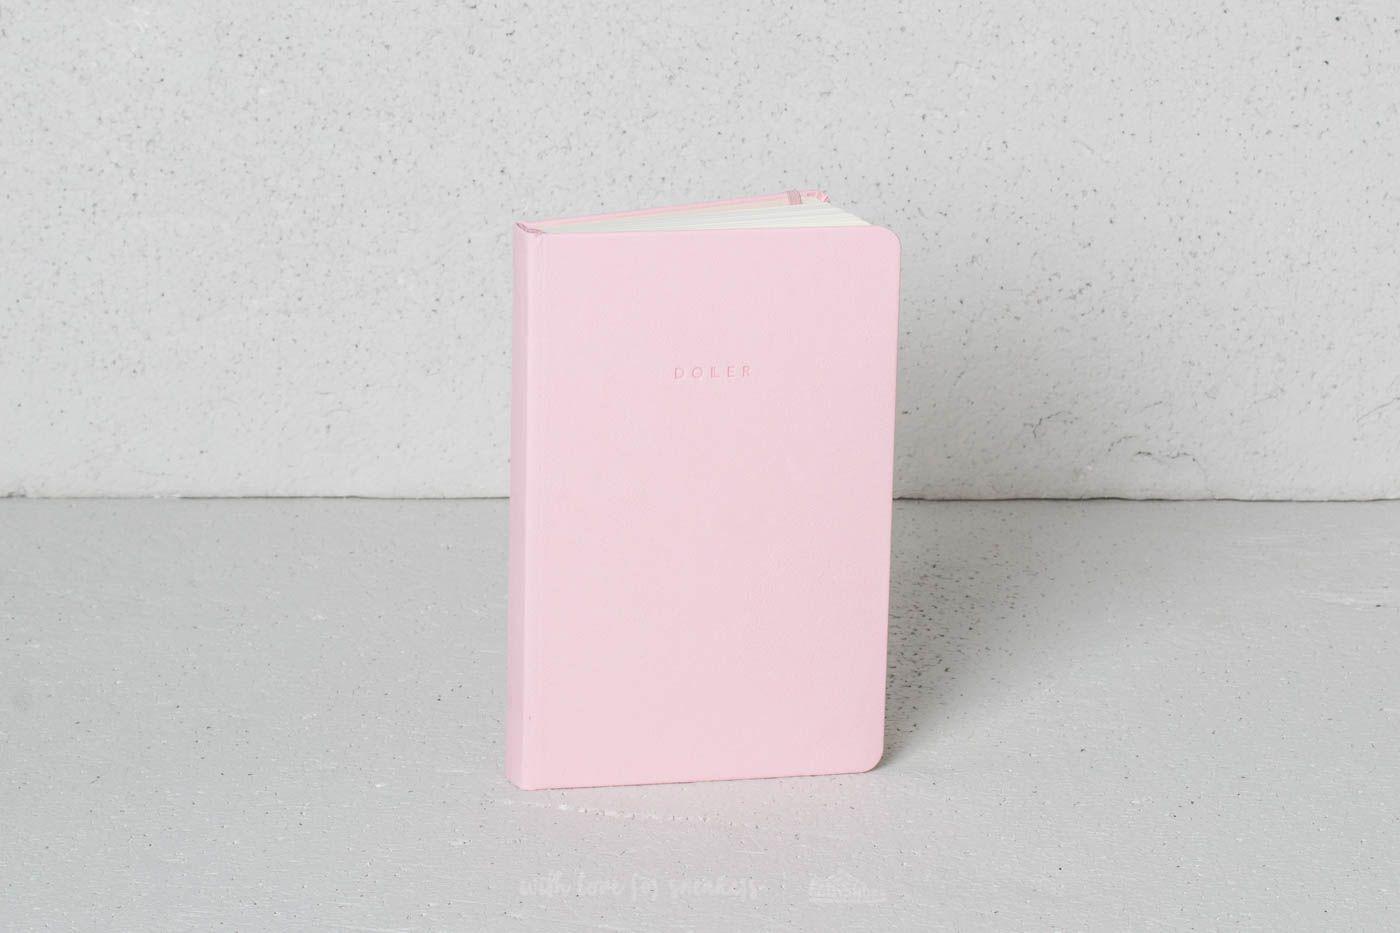 Doller AJ Motivation Diary Pink za skvelú cenu 15 € kúpite na Footshop.sk